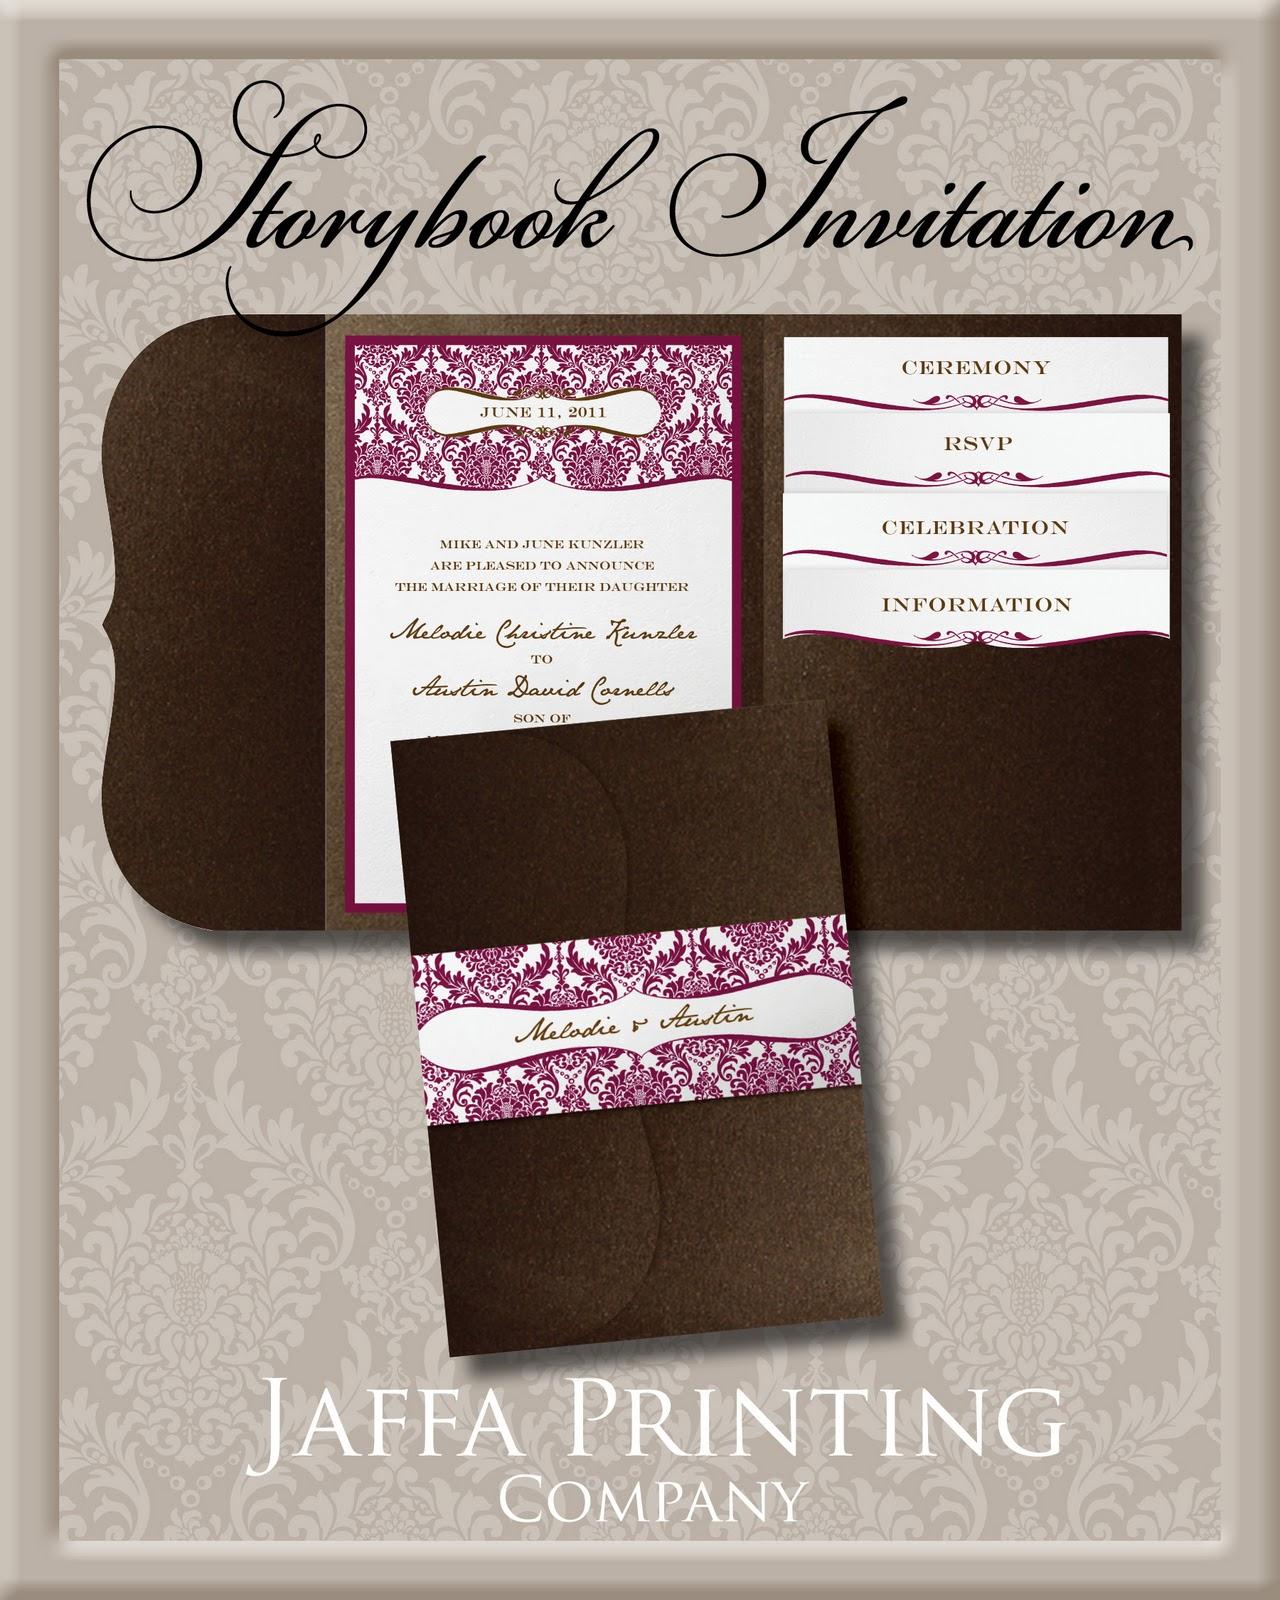 Wedding Invitation Blog: Pocket Invitation